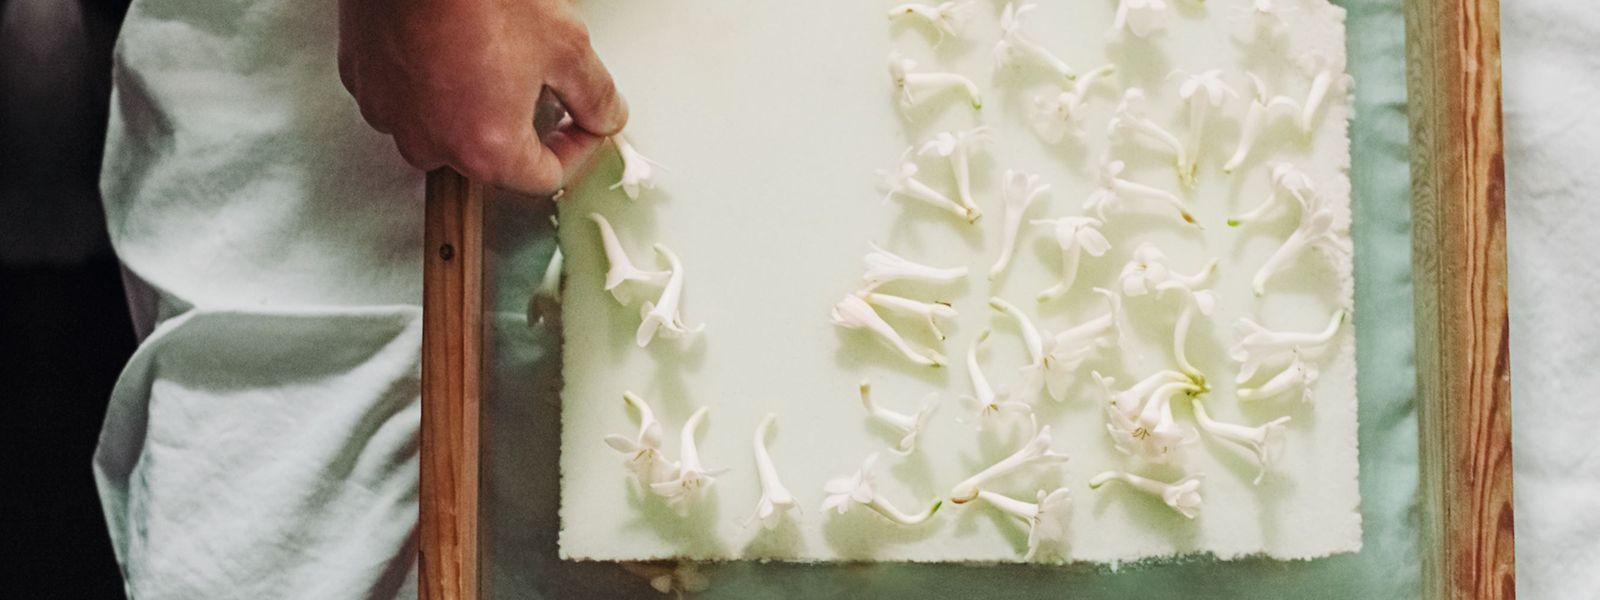 """Duftgewinnung auf die althergebrachte Art: Hier werden Tuberose-Blüten verarbeitet - das Ergebnis trägt später den Namen """"J'adore - Eau de Parfum Infinissime""""."""